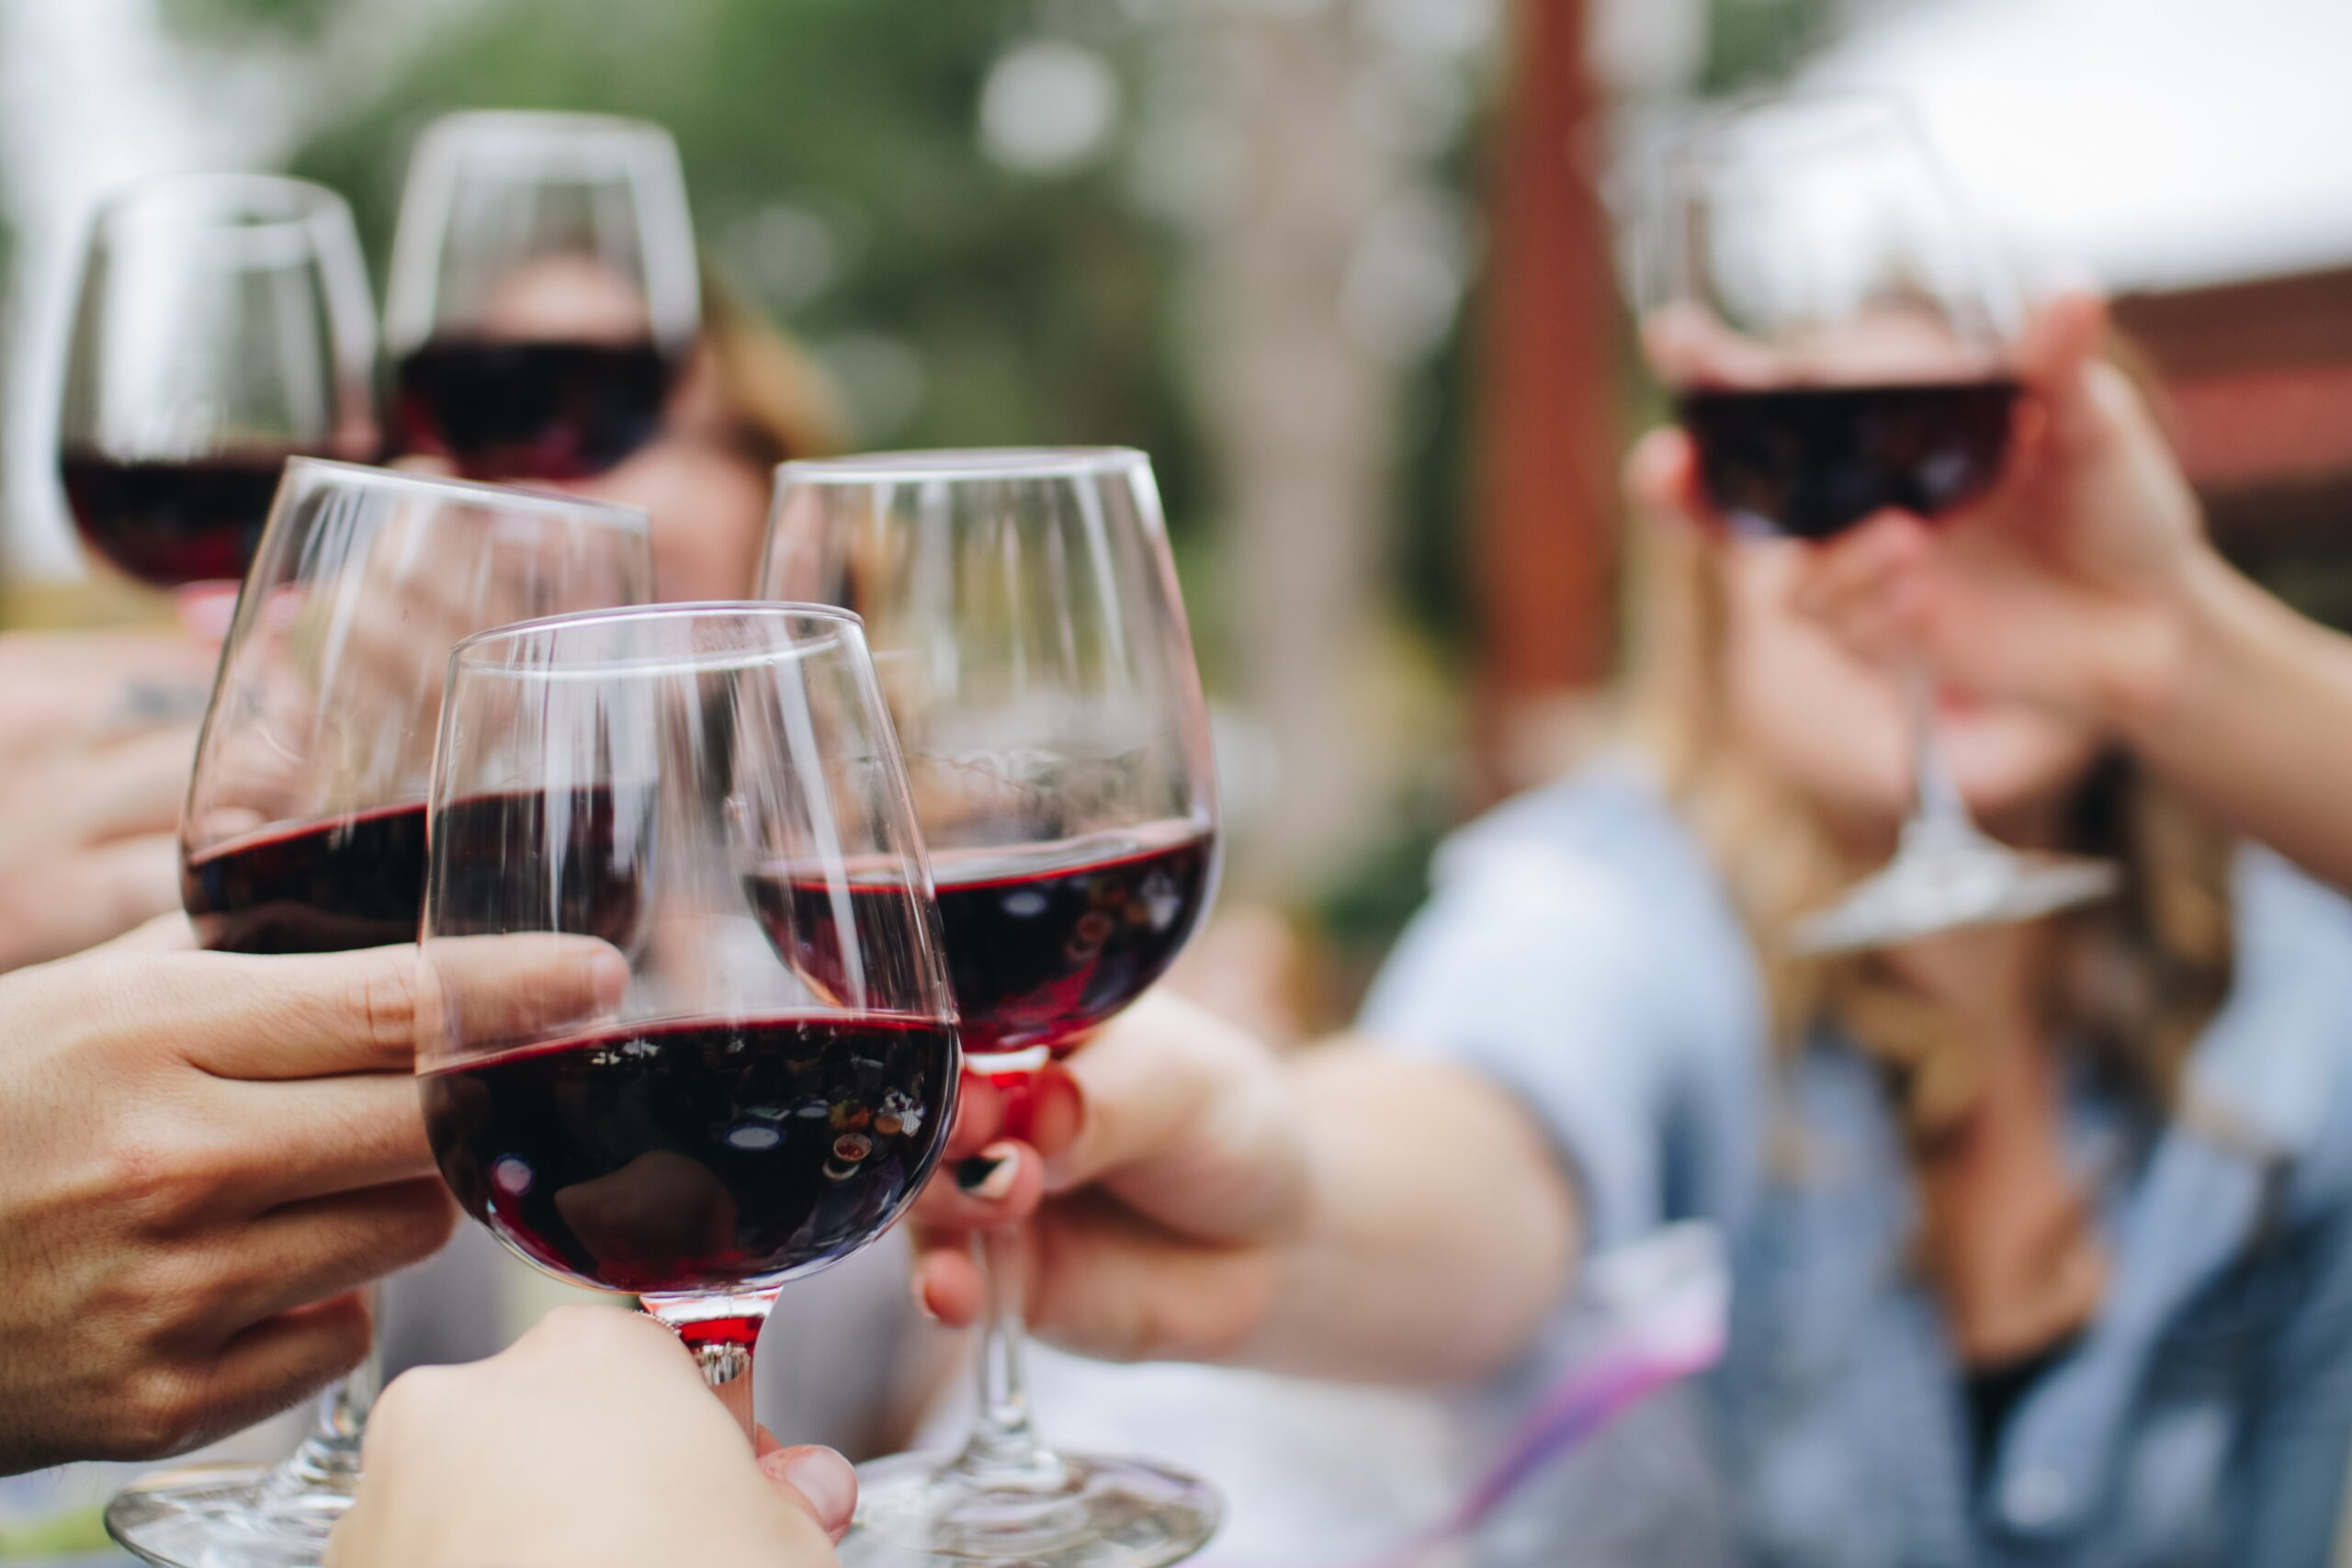 Námskeið í vínsmakki